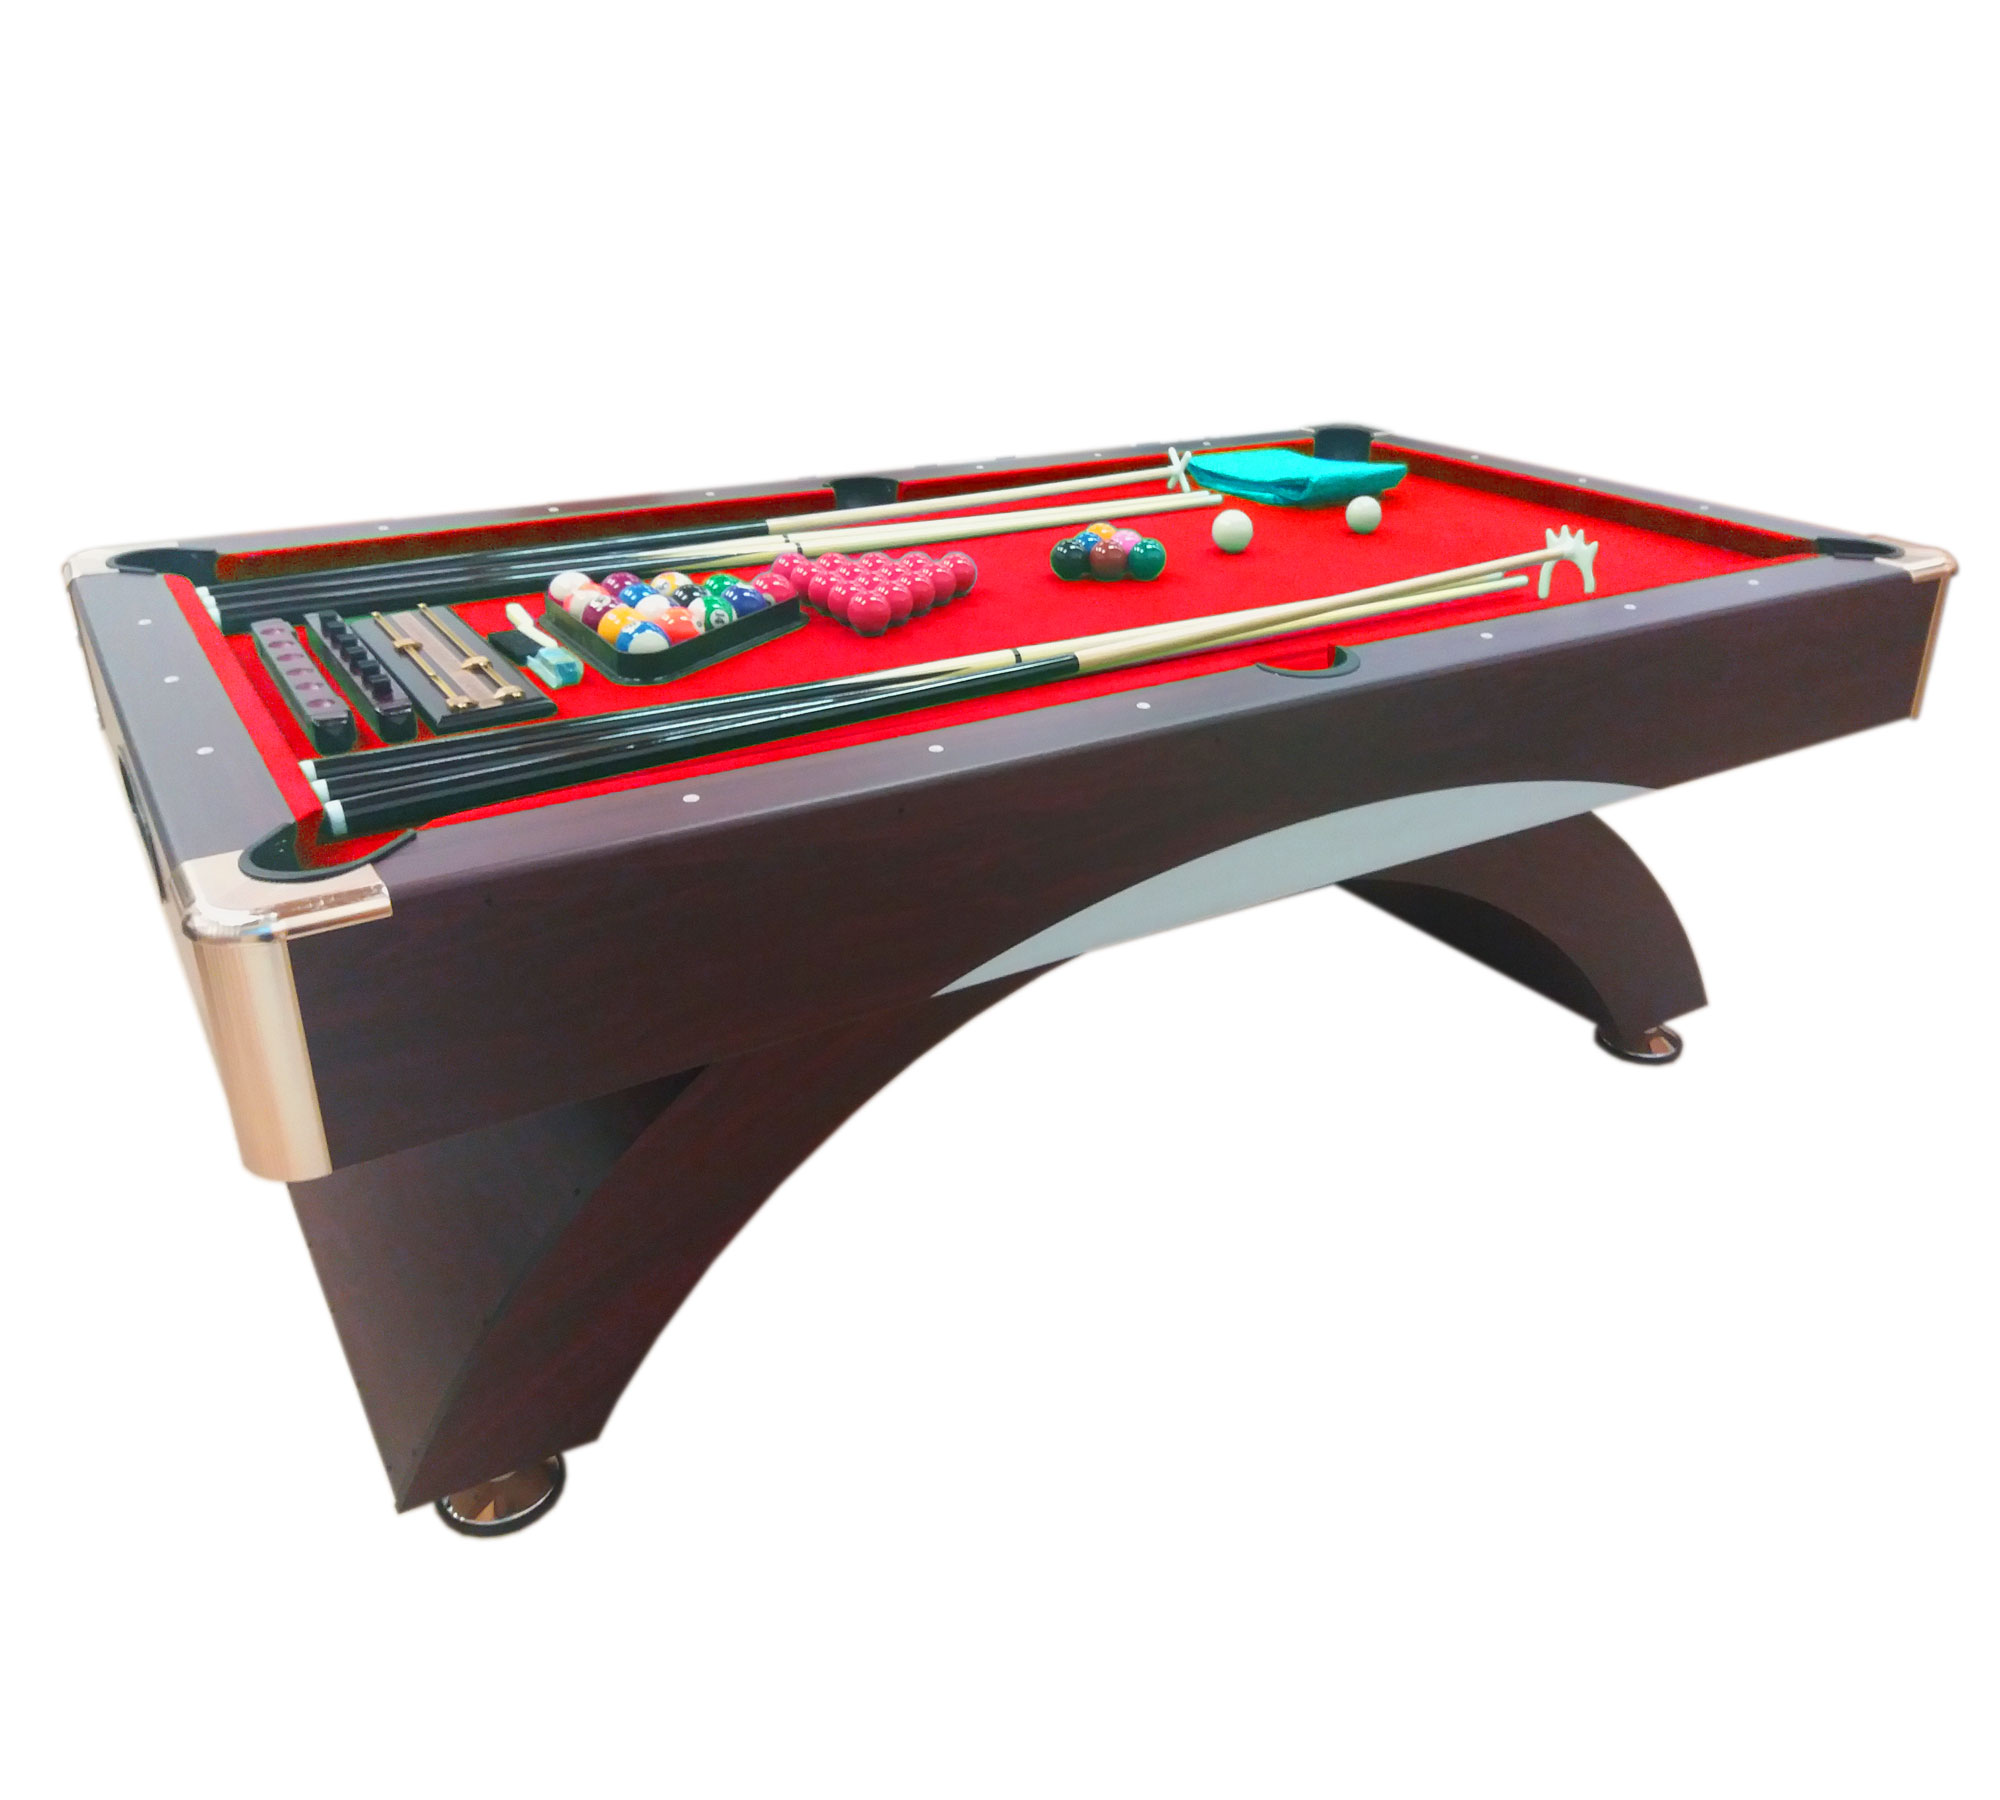 Tavolo da biliardo carambola misura 188 x 96 cm - Misure tavolo da biliardo ...